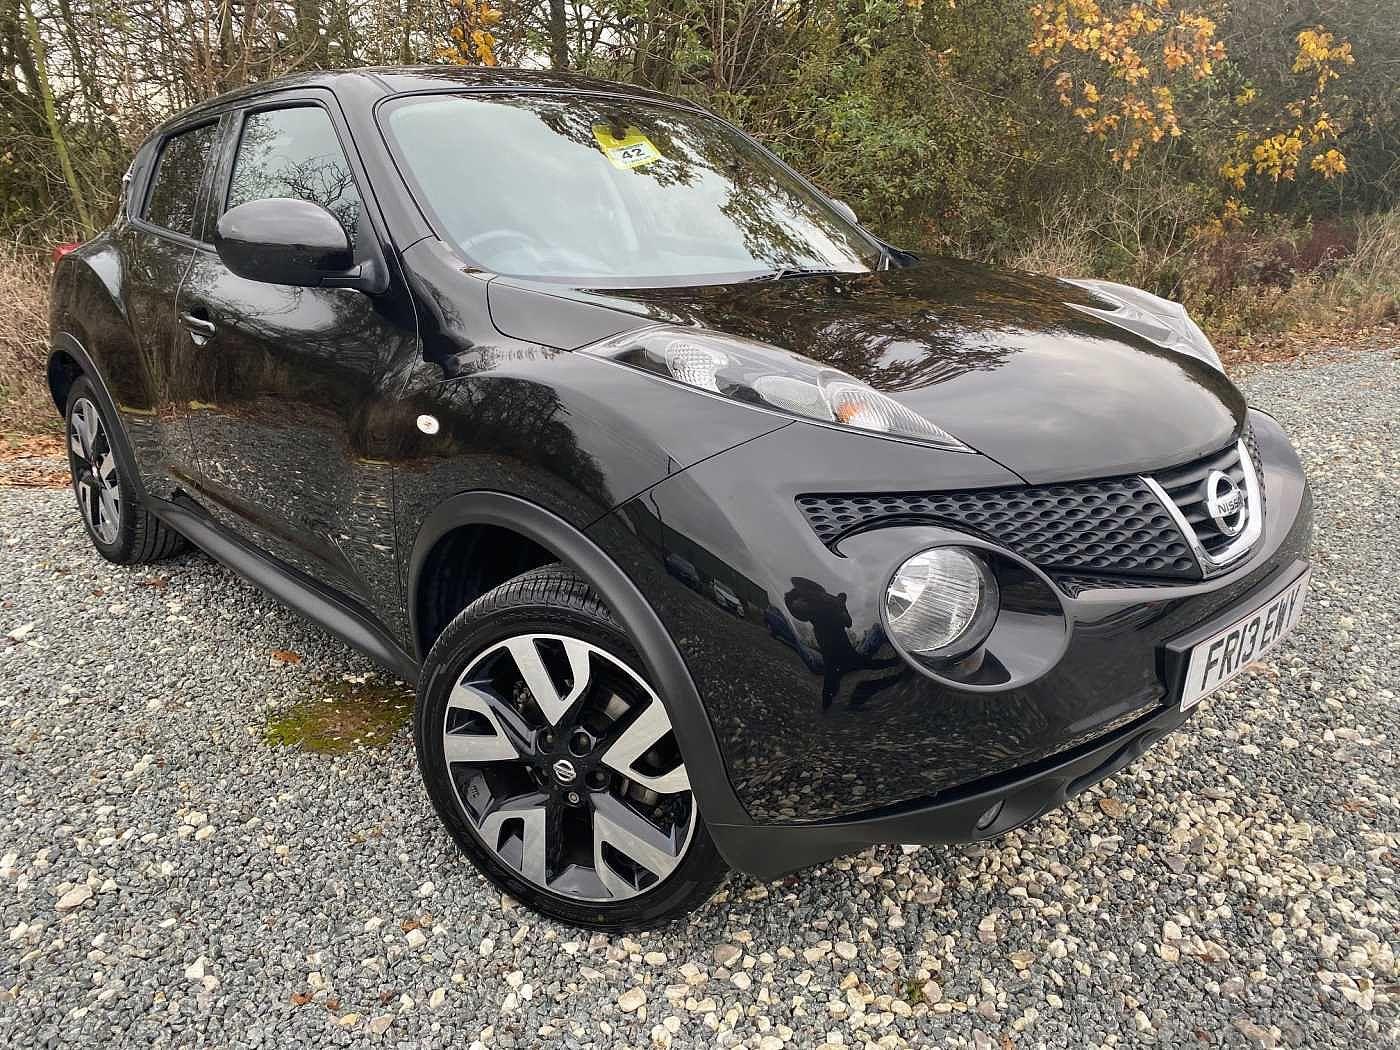 Nissan Juke 1.6 16v N-Tec 5-Door Hatchback